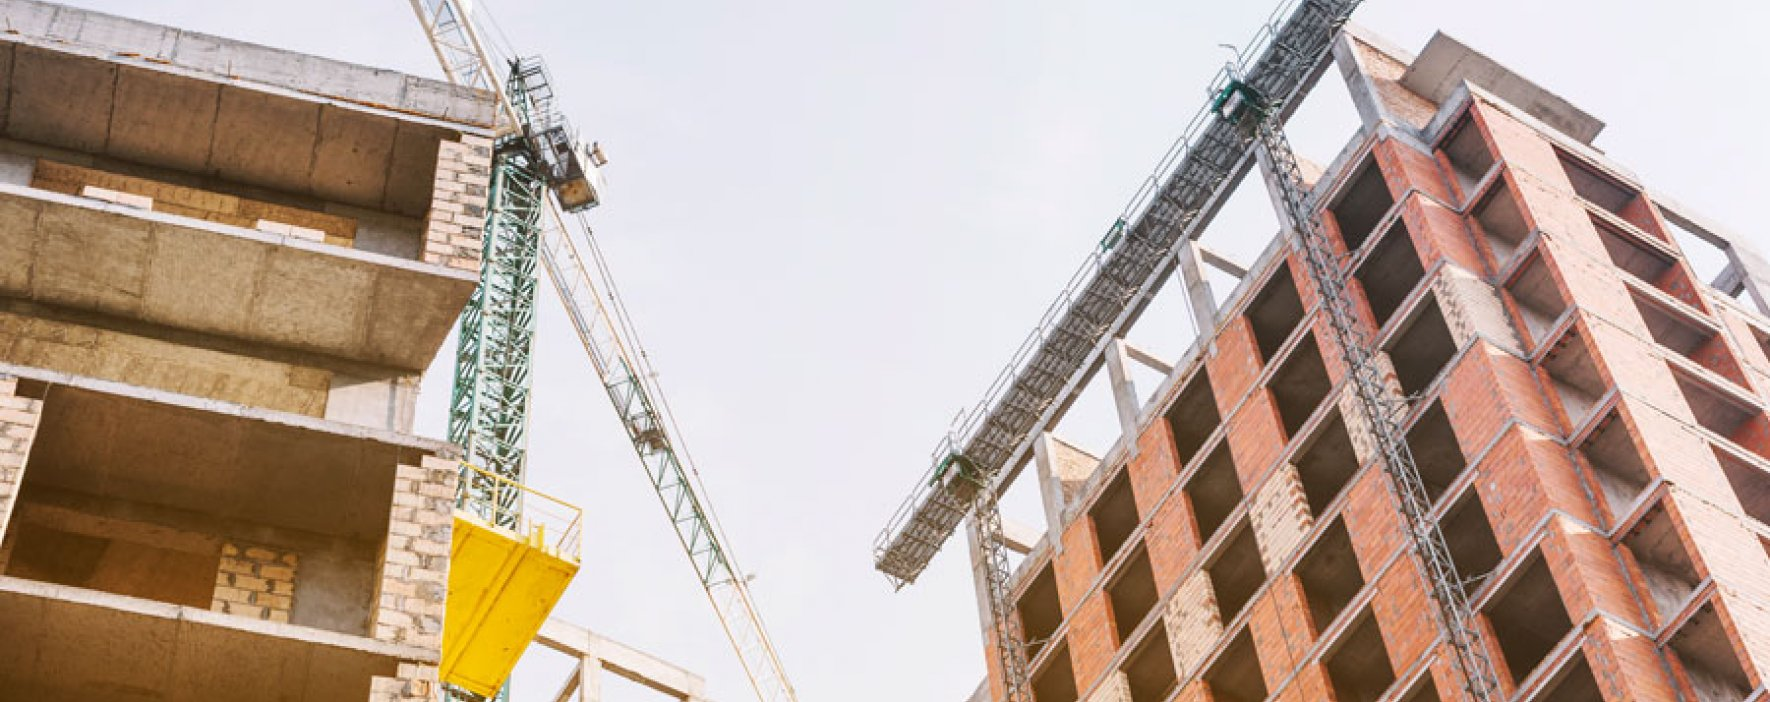 Camacol prevé inversión de $35,2 billones en vivienda nueva durante 2019